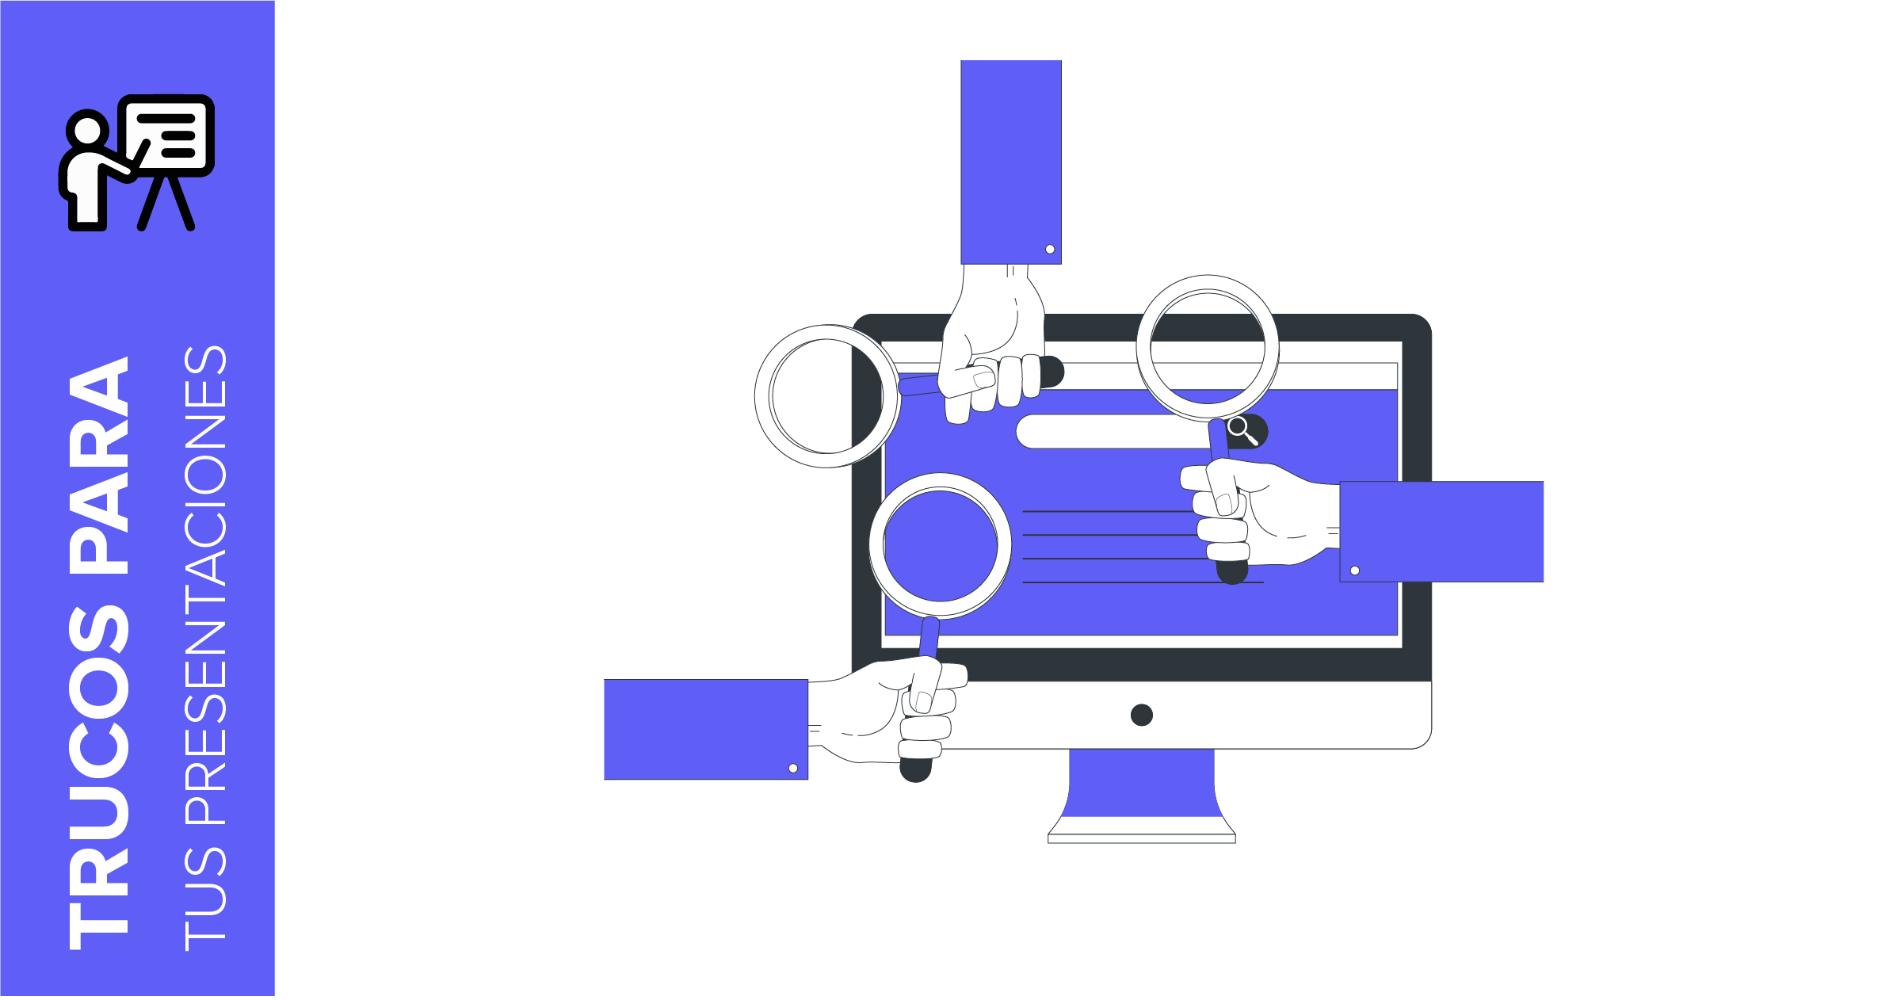 ¿Cómo encontrar la mejor plantilla de Presentación para tu proyecto? | Tutoriales y Tips para tus presentaciones